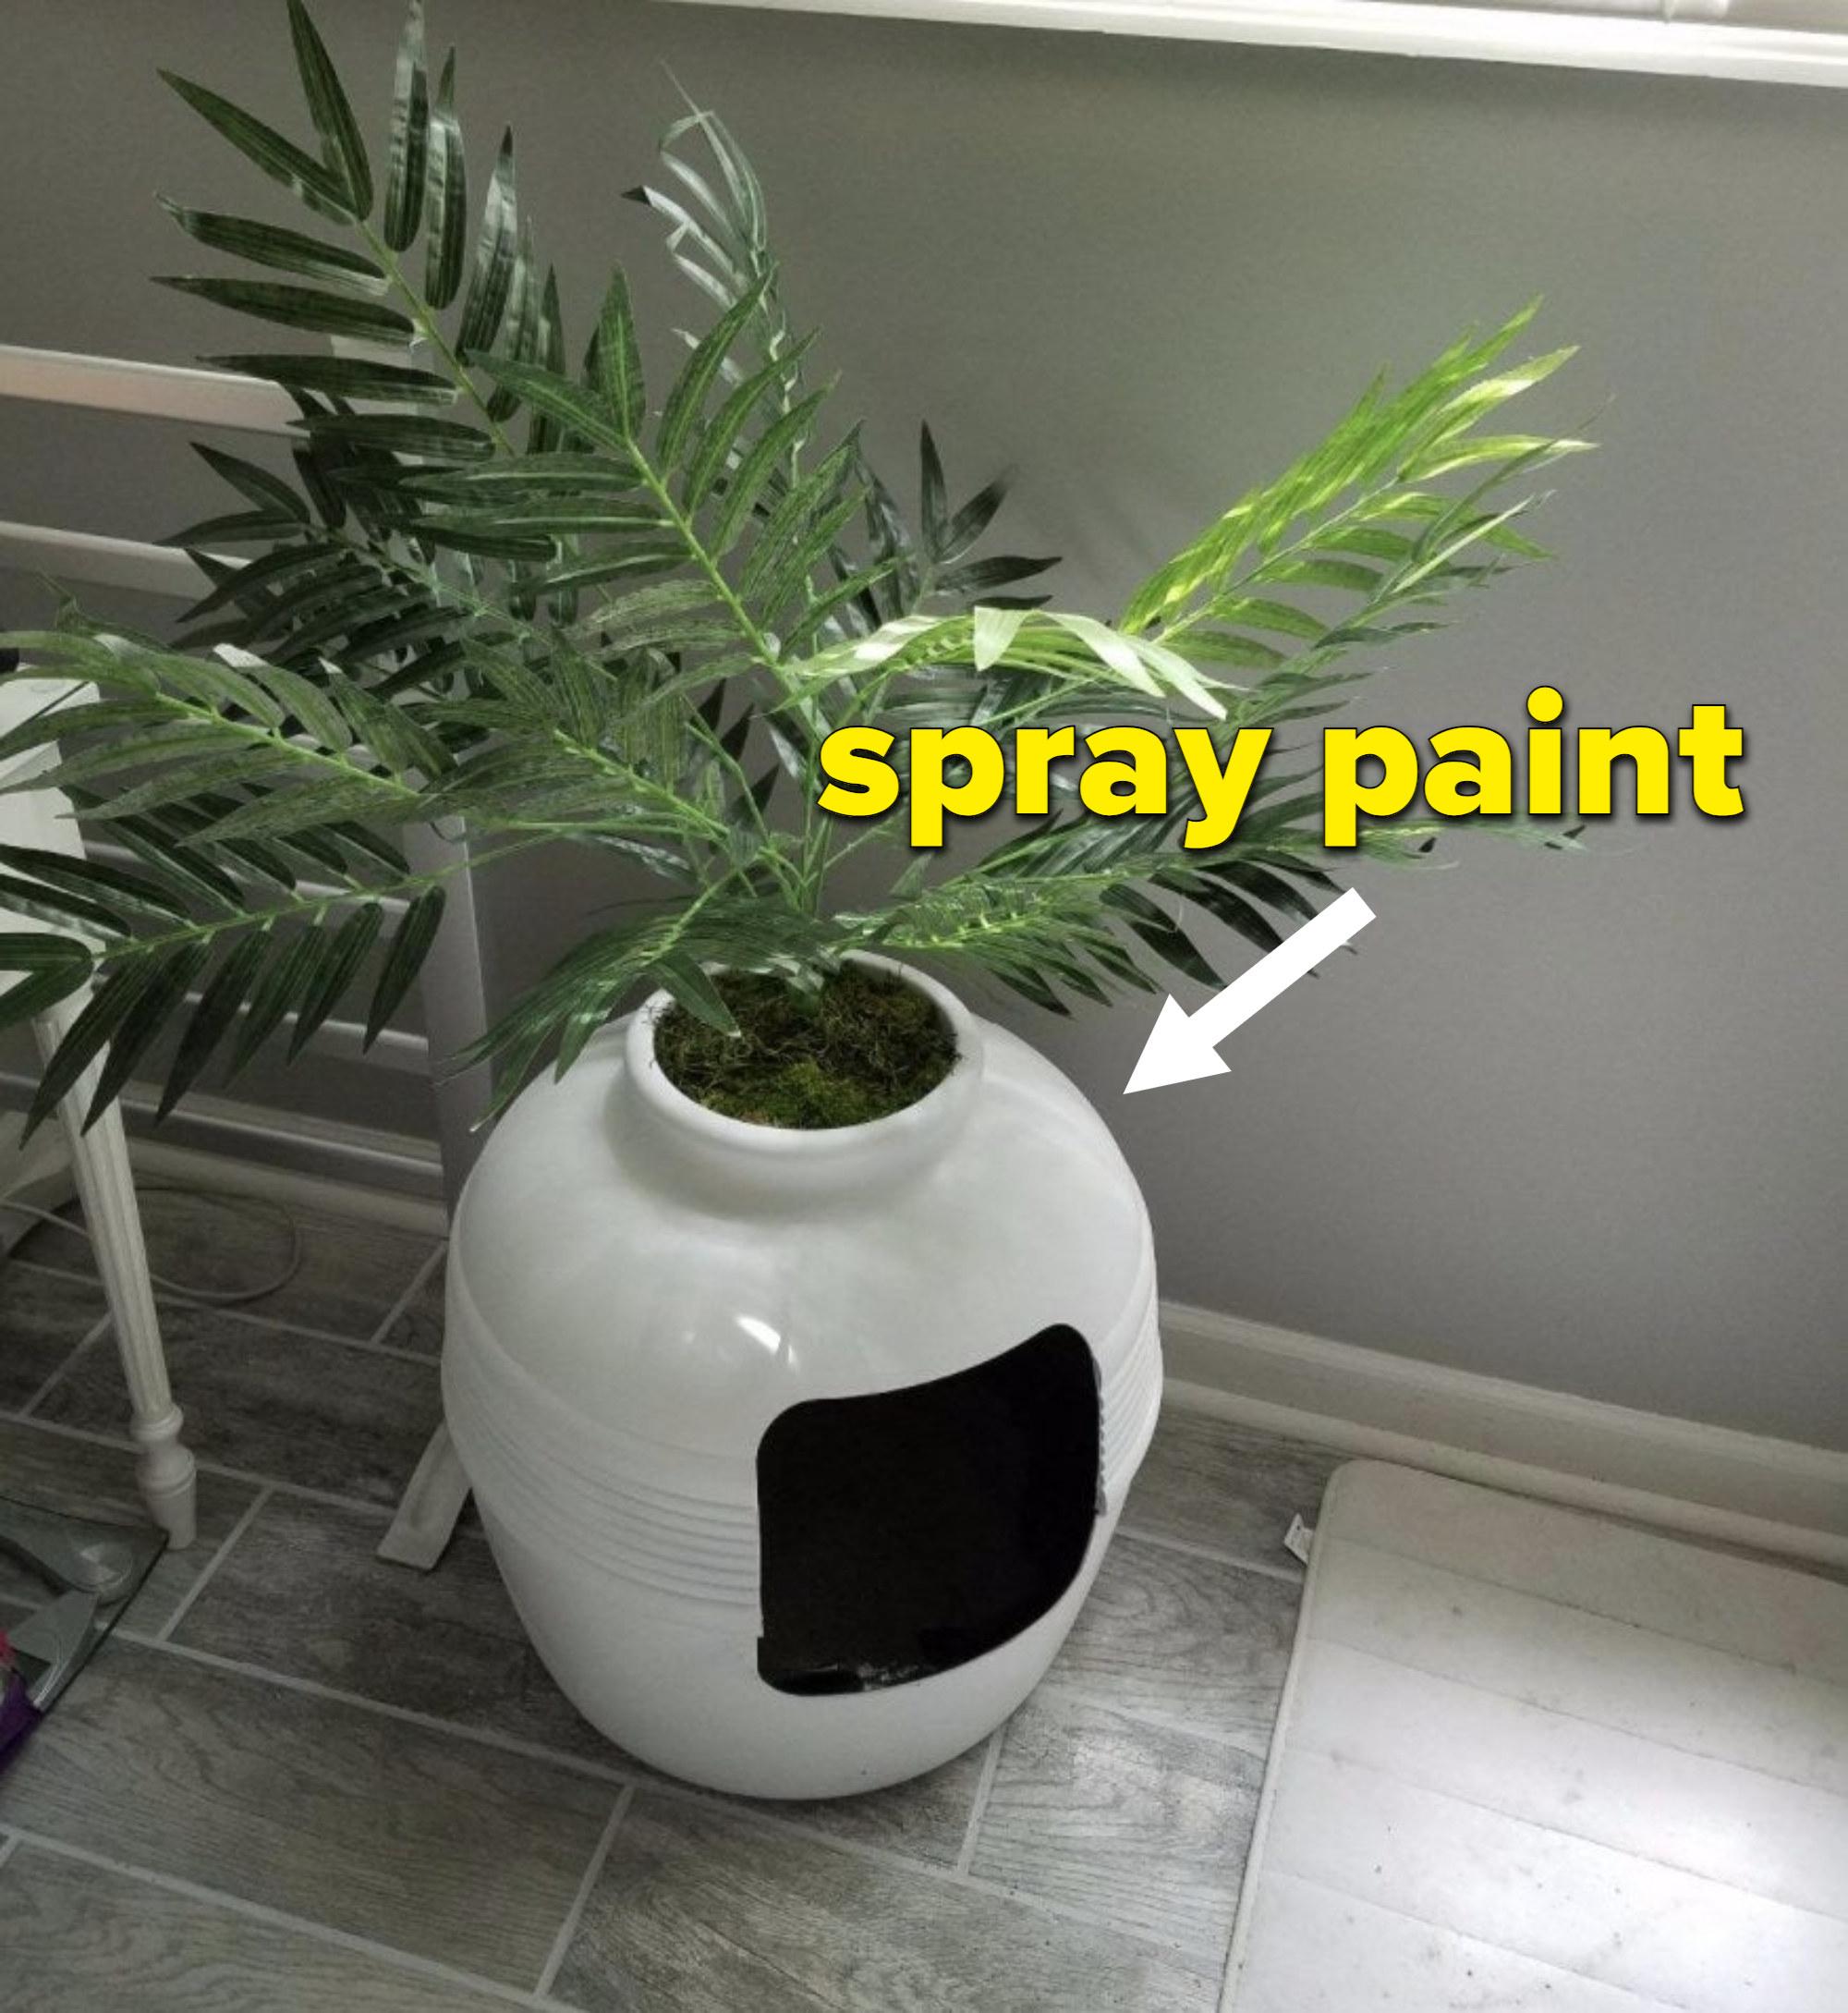 A white hidden litter box planter